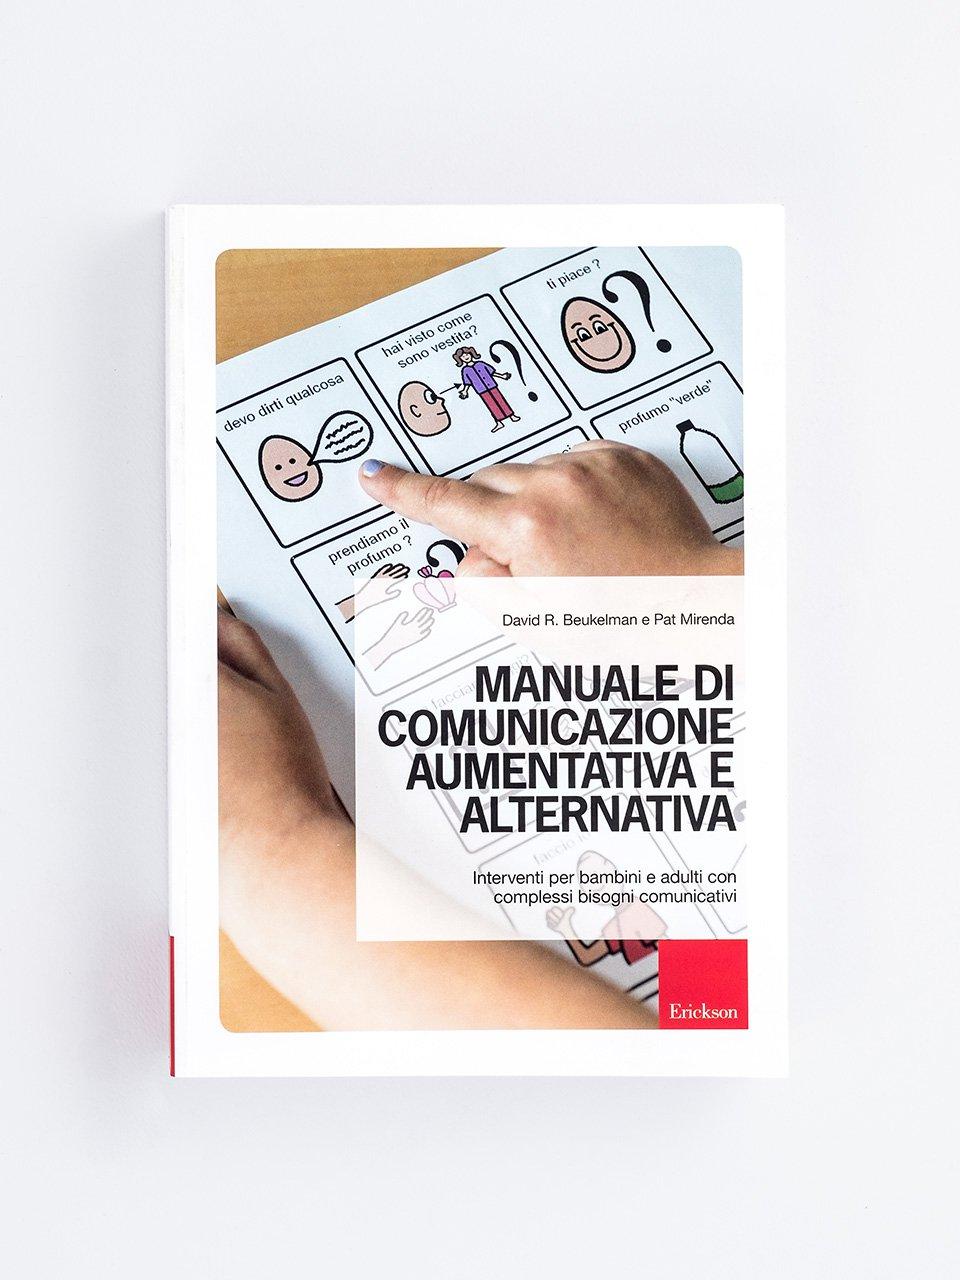 Manuale di Comunicazione Aumentativa e Alternativa - Alla scoperta degli IN-BOOK - Erickson